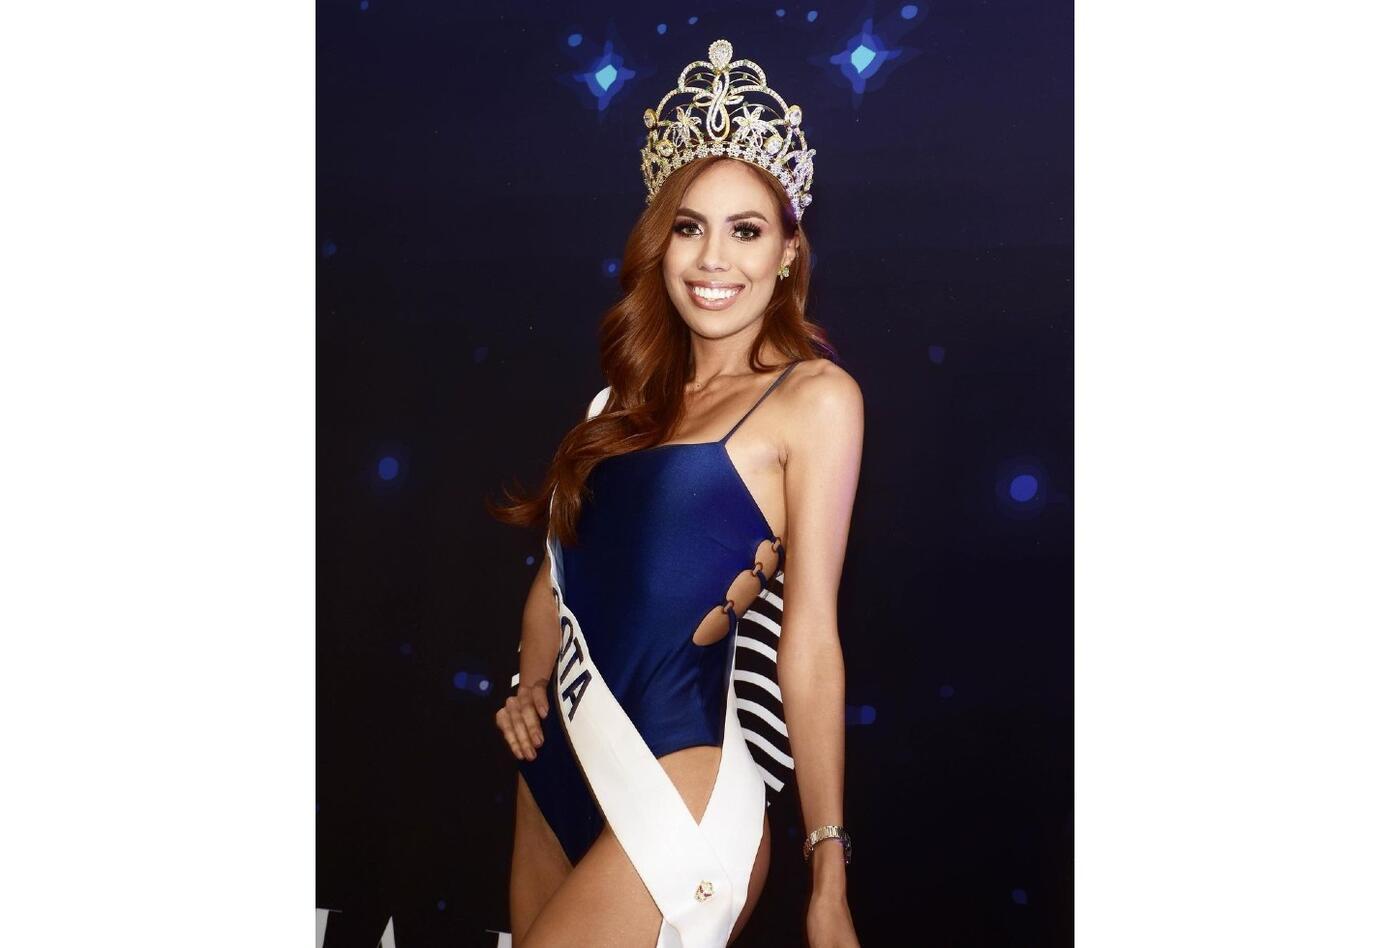 Miss Bogotá, María Del Mar Meza